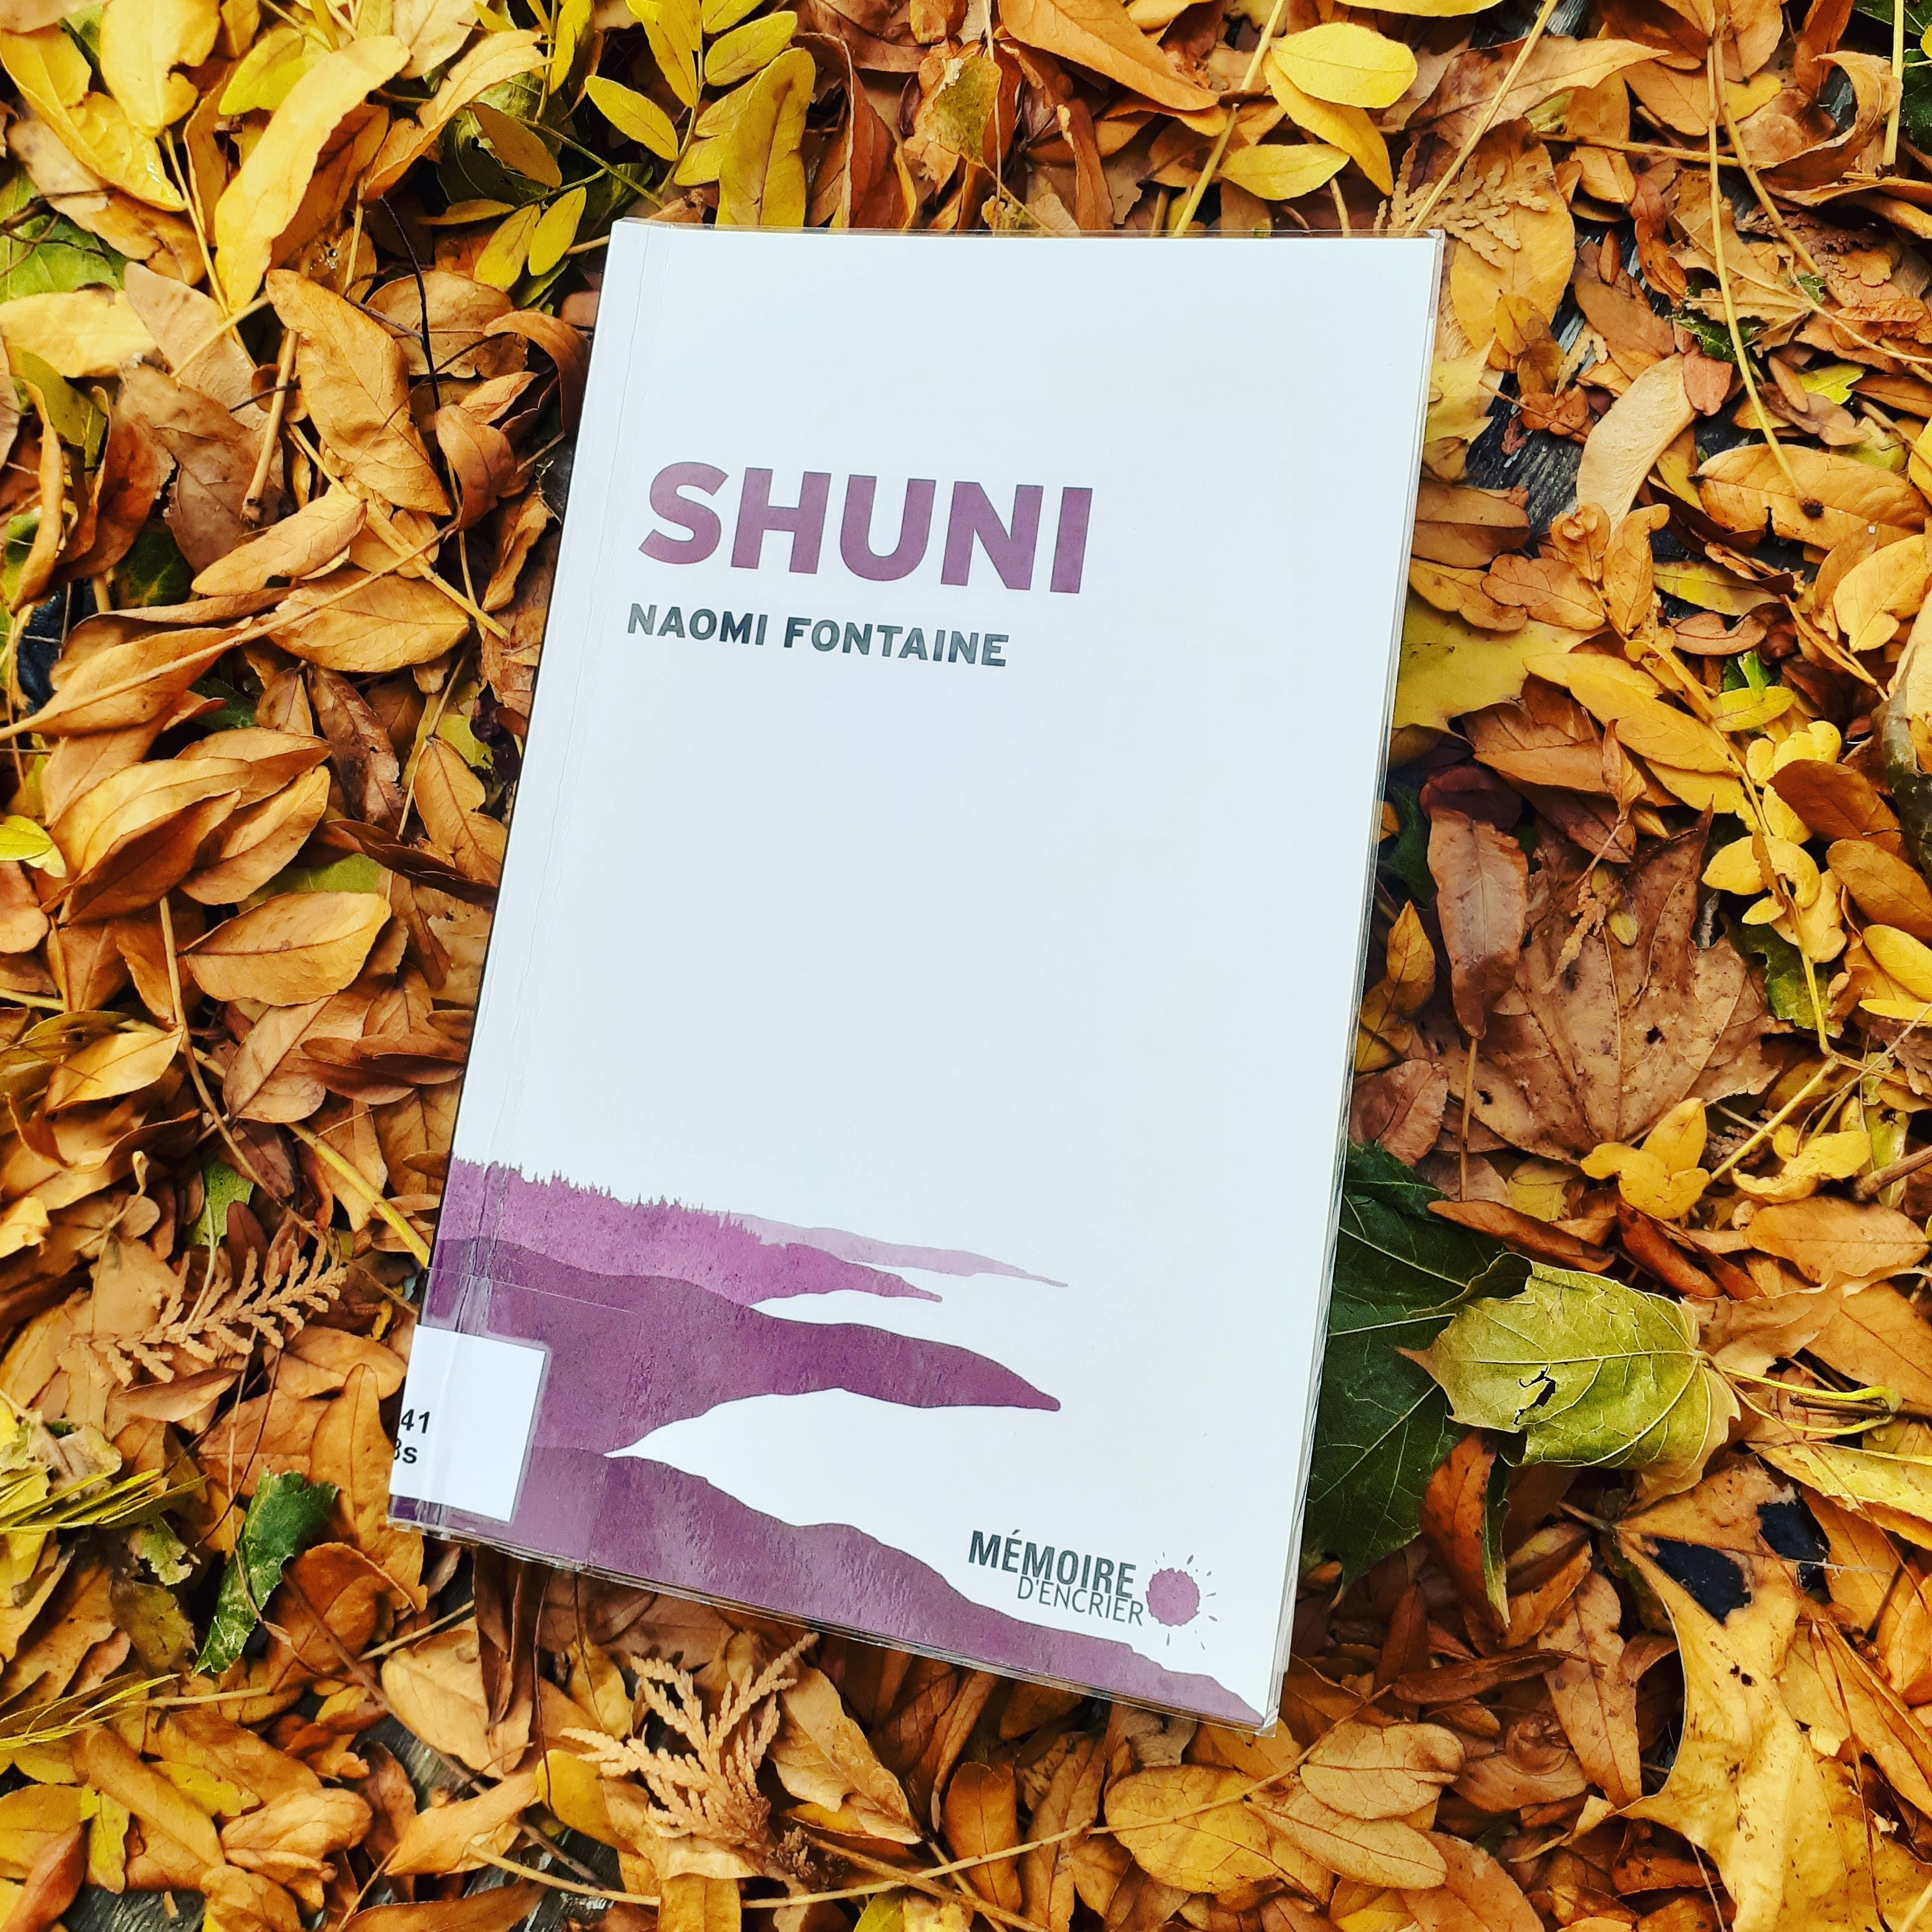 livre autochtone, nature, feuilles